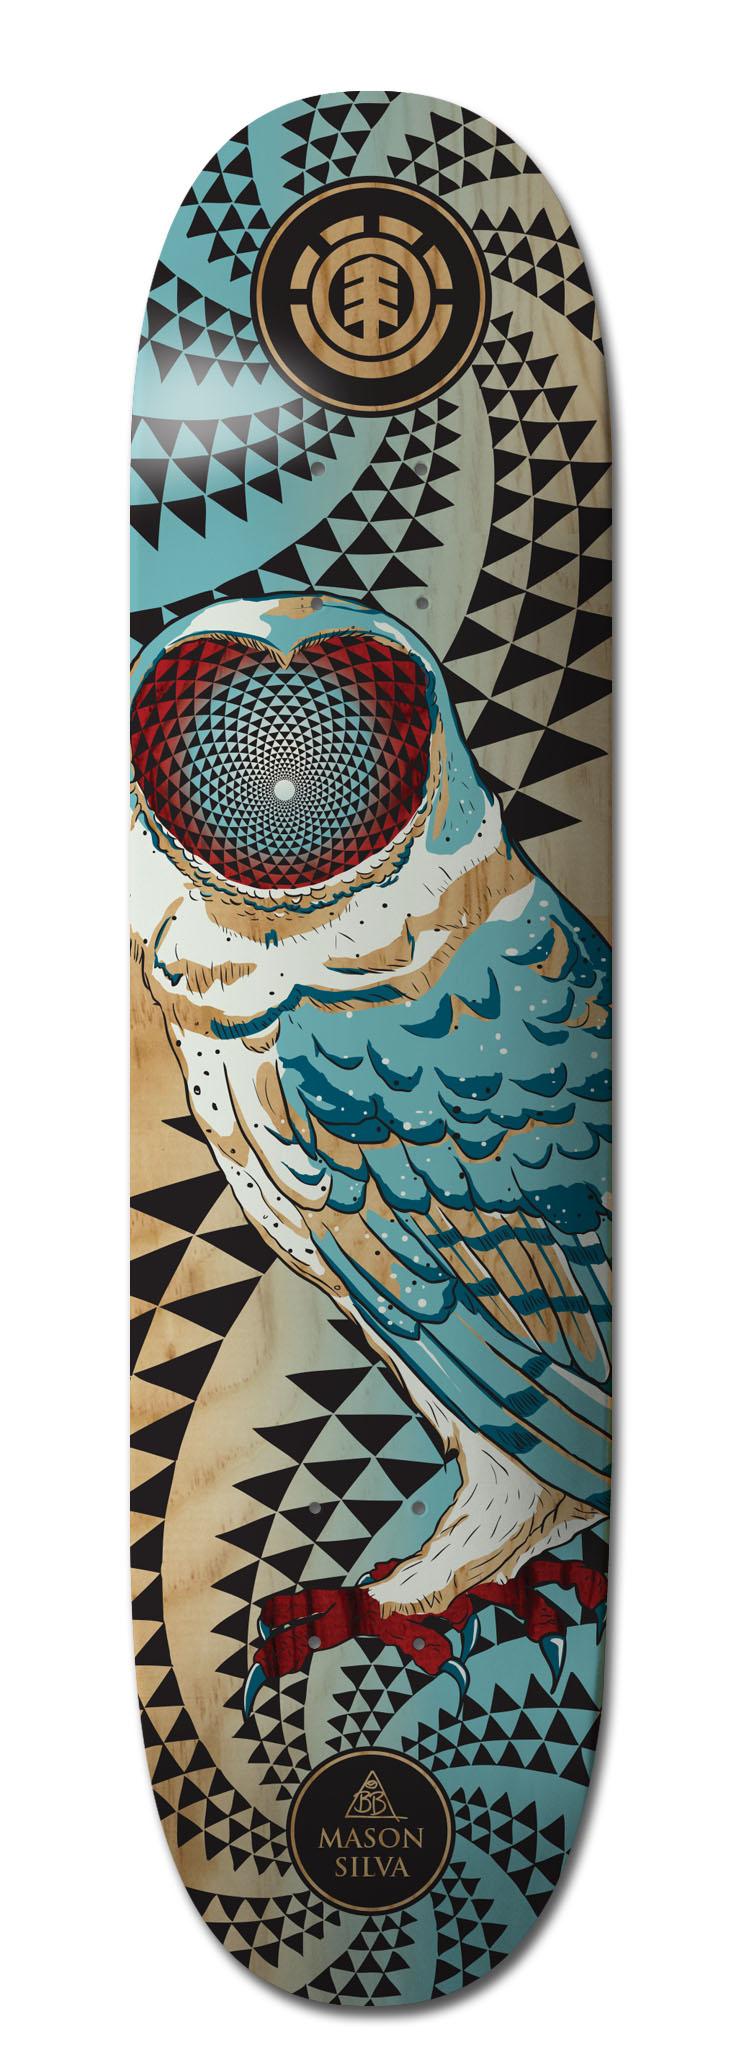 BRD_MASON_OWL_BB.jpg